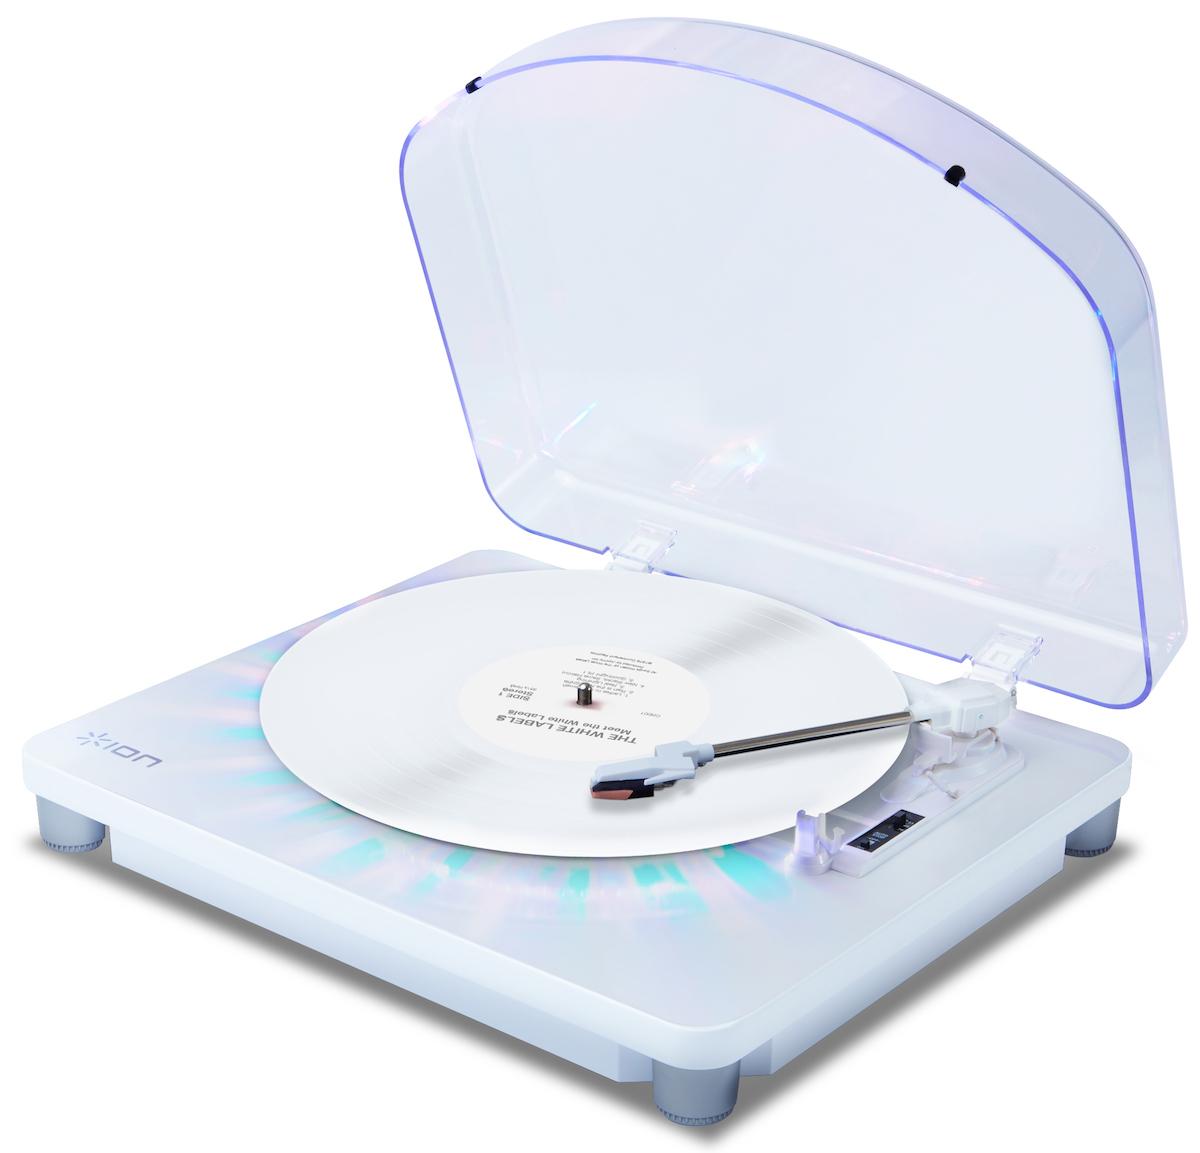 【公式 / 送料無料】ION Audio LEDライト付きレコードプレーヤー 音源デジタル化 Photon LP